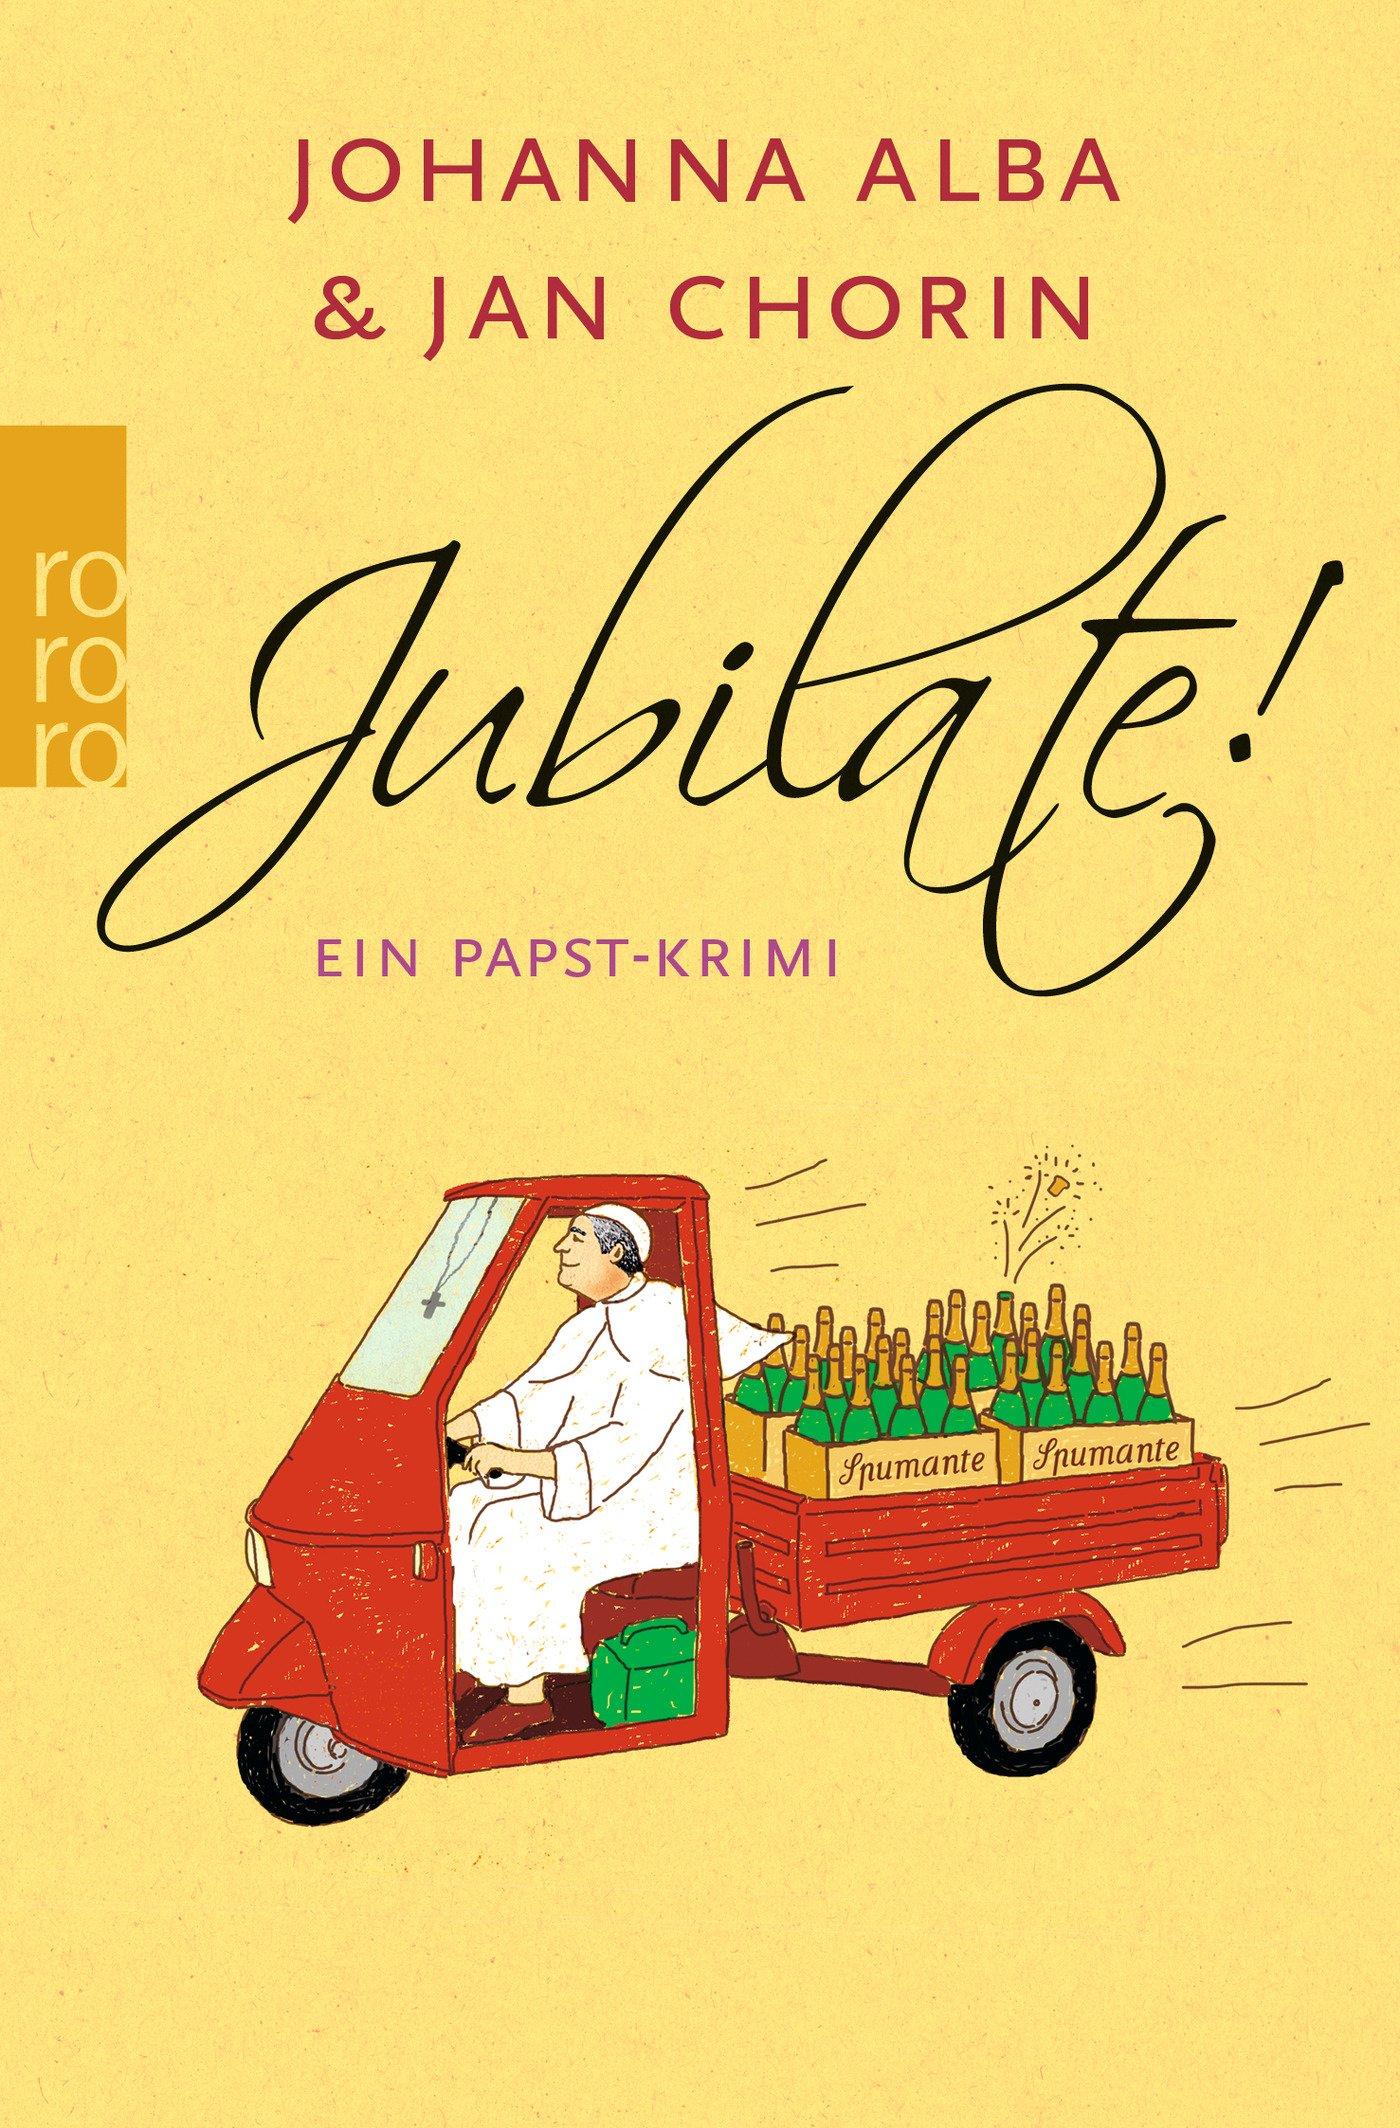 Jubilate! (Ein Papst-Krimi, Band 5) Taschenbuch – 26. März 2019 Johanna Alba Jan Chorin Rowohlt Taschenbuch 3499275015